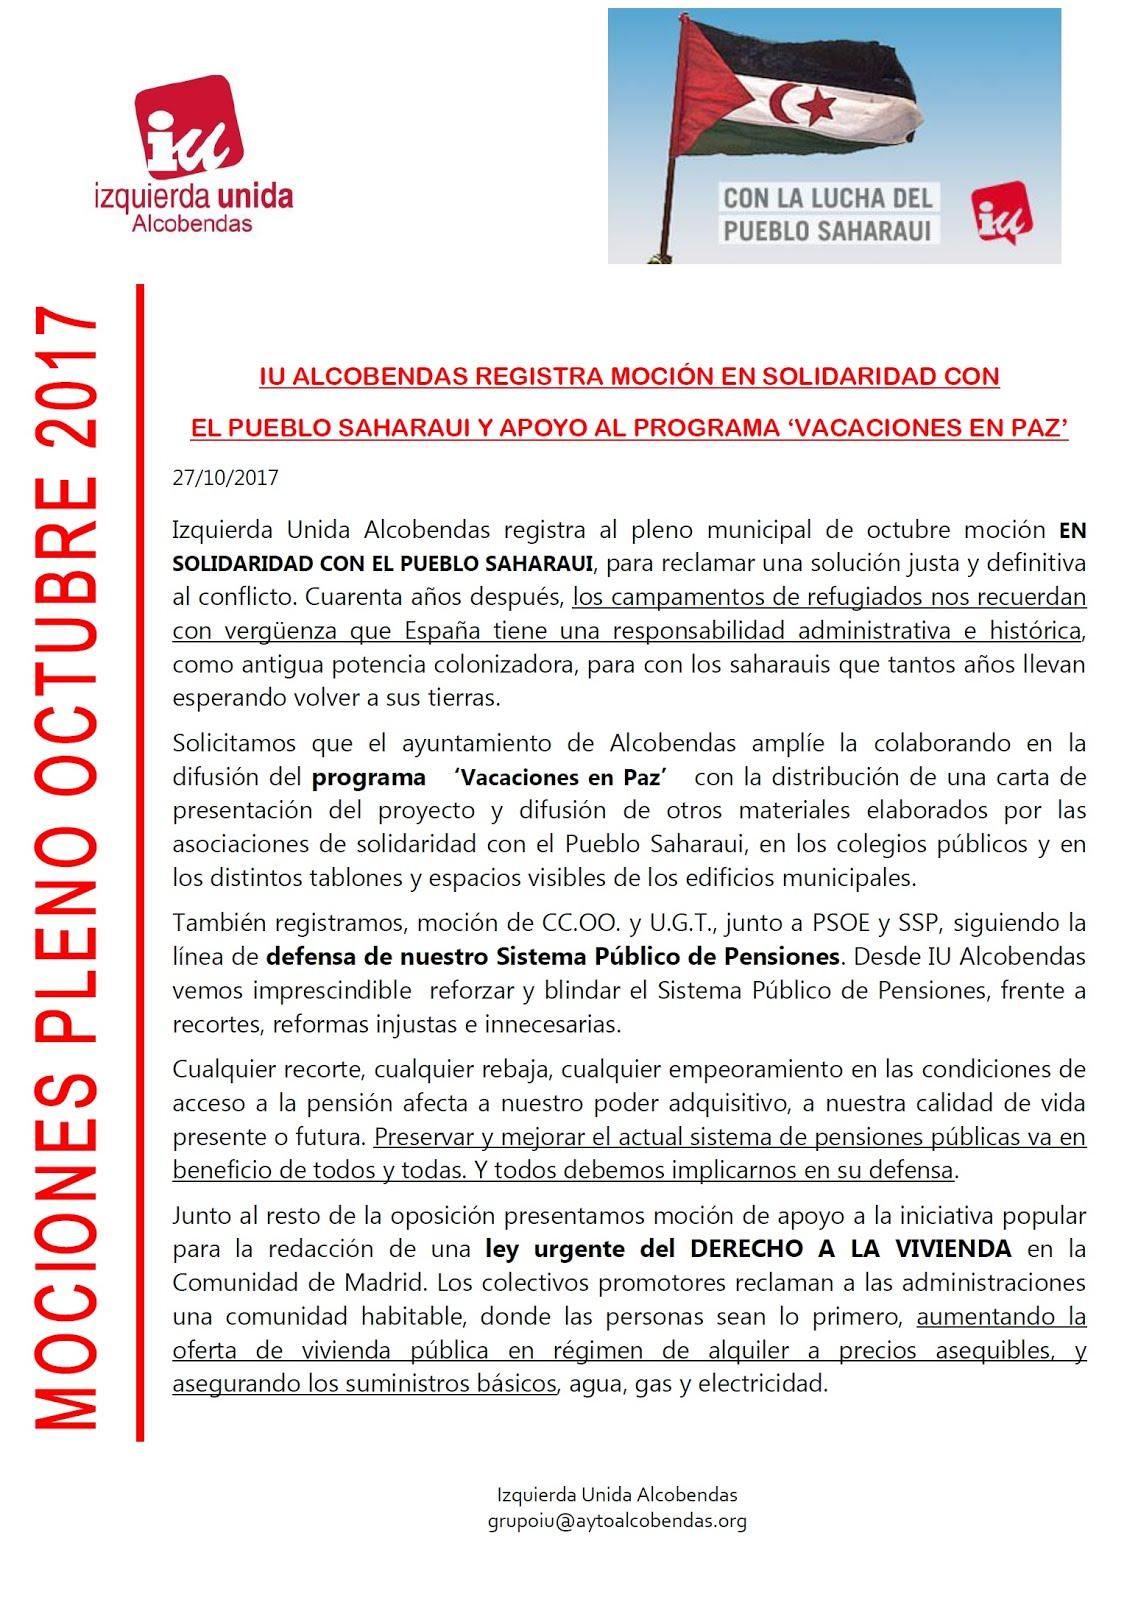 Solidaridad Pueblo Saharaui